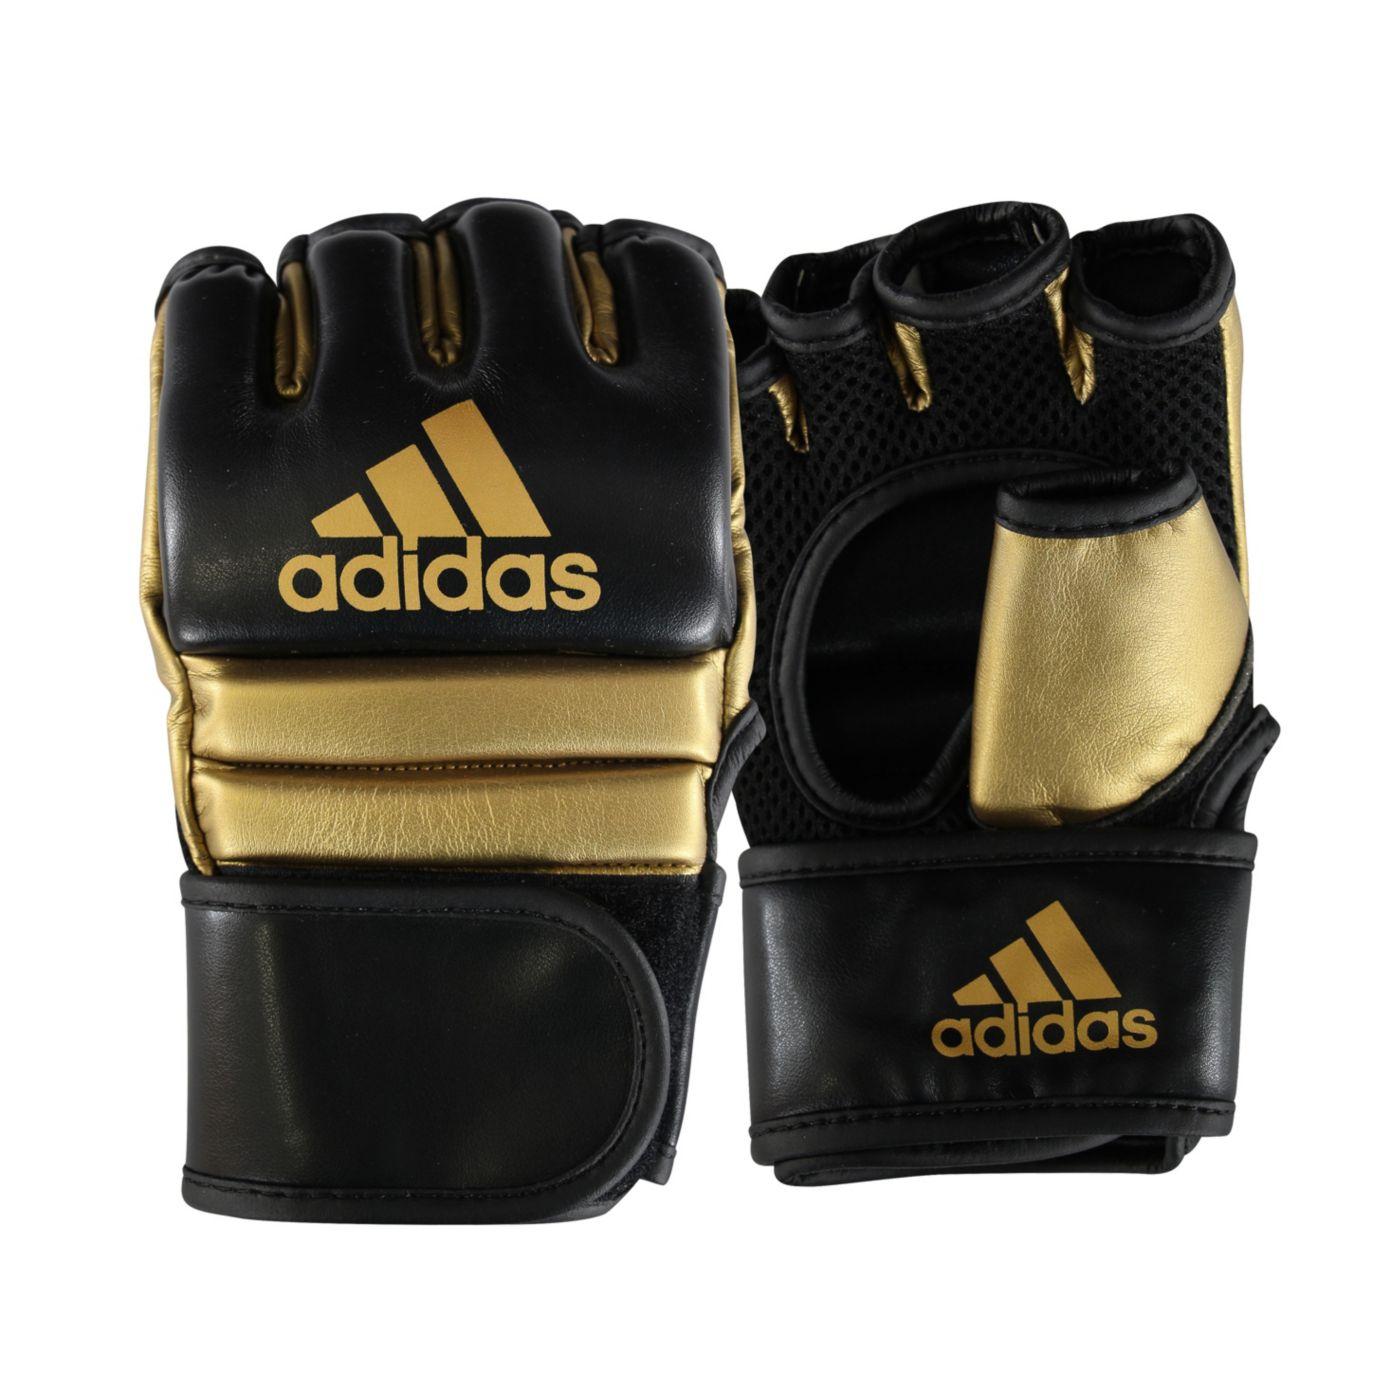 adidas MMA Speed Fight Gloves